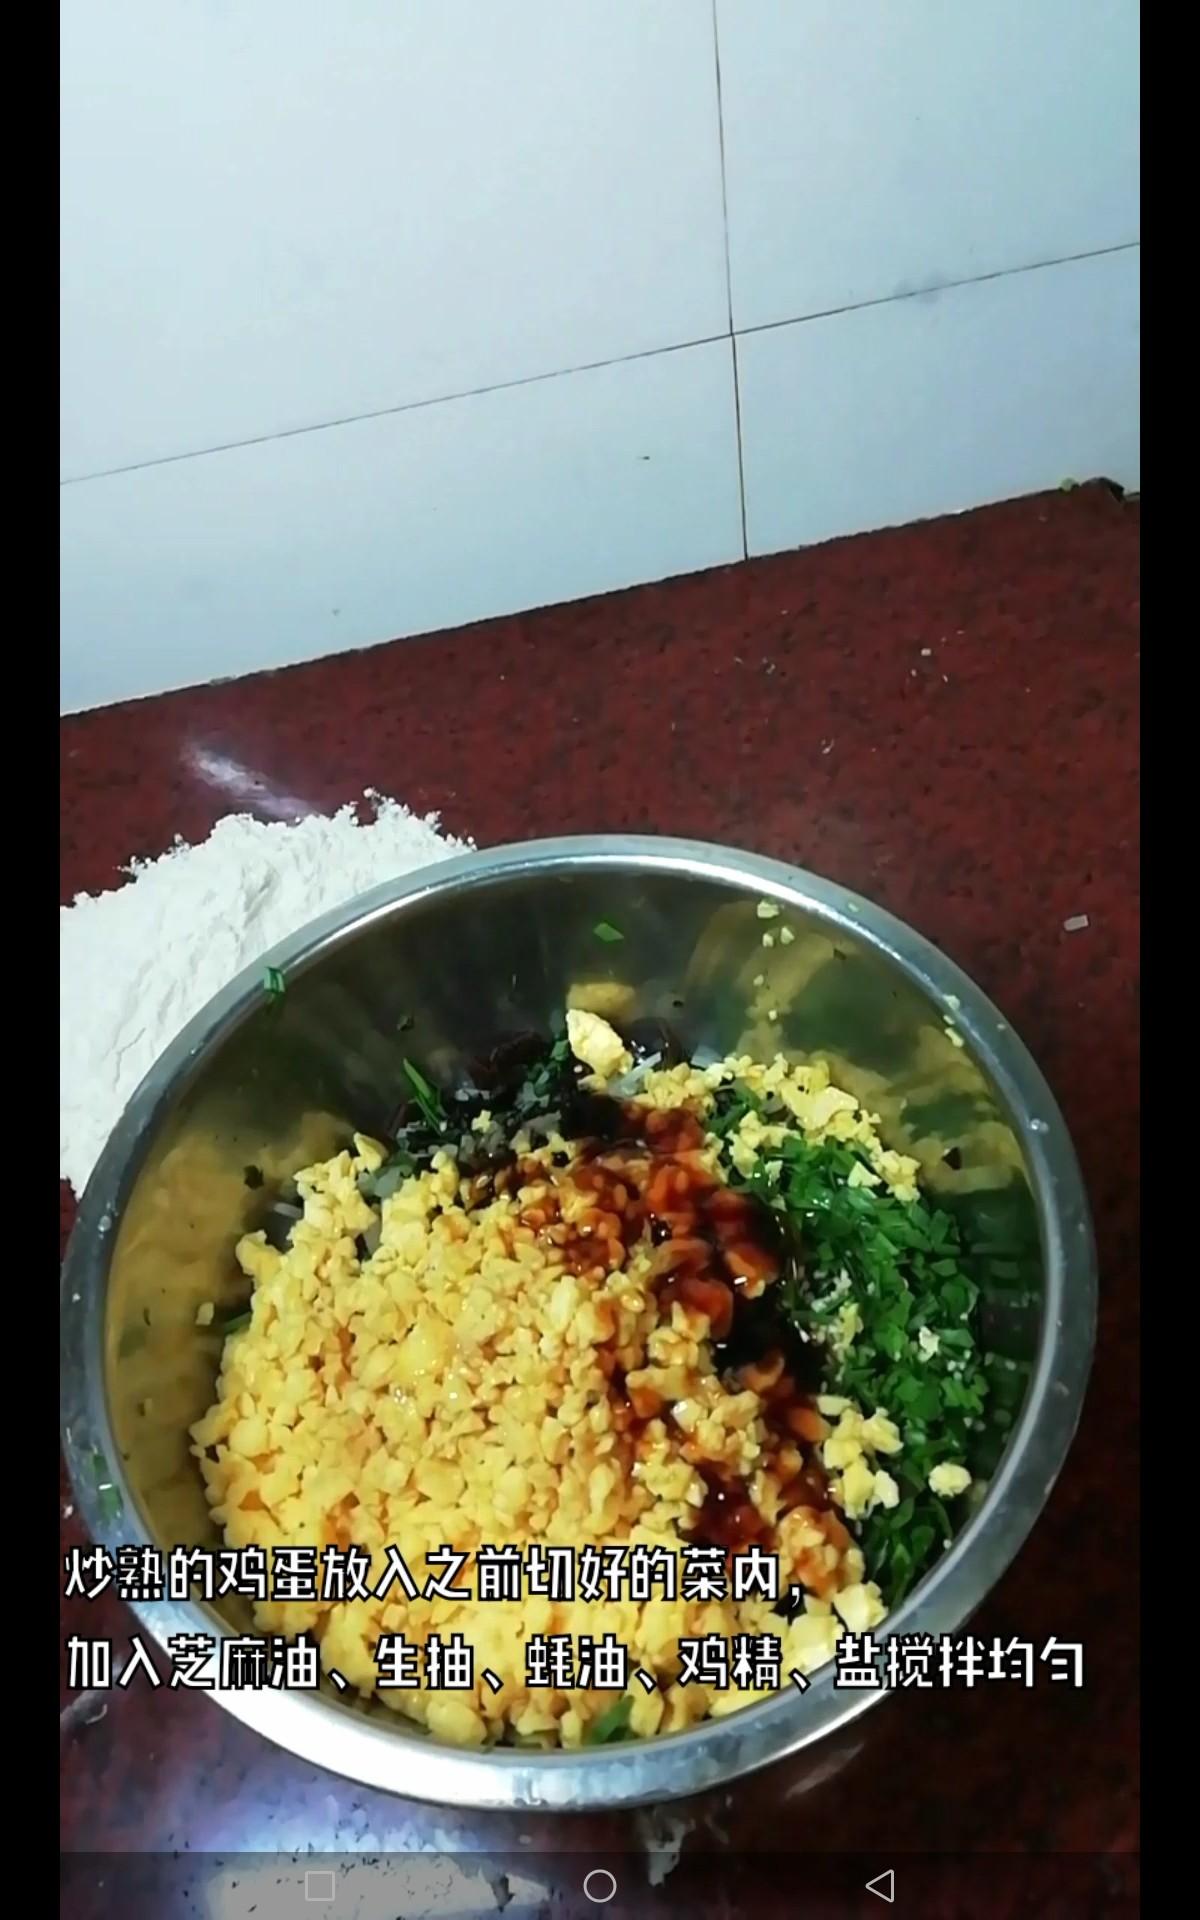 韭菜素蒸饺怎么吃